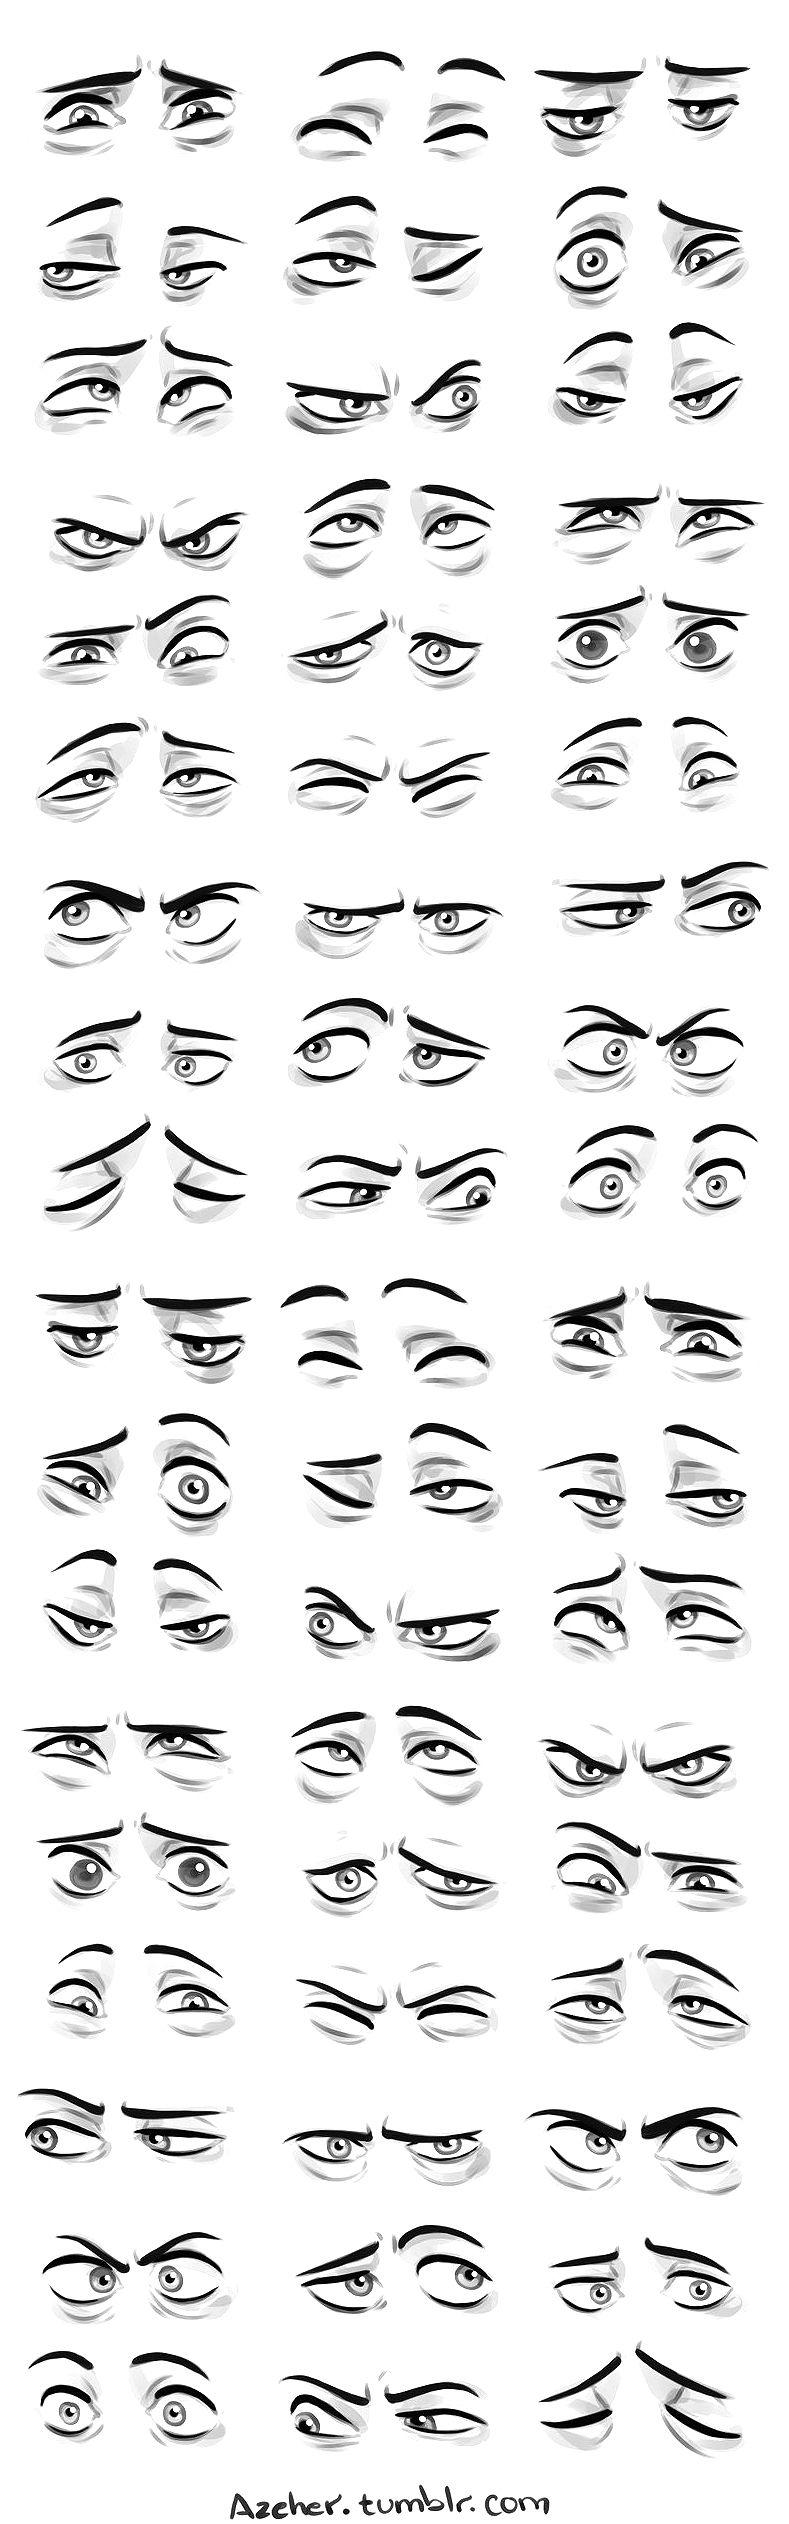 Tipos De Ojos Para Dibujar Busqueda De Google Dibujos De Ojos Disenos De Unas Cosas De Dibujo